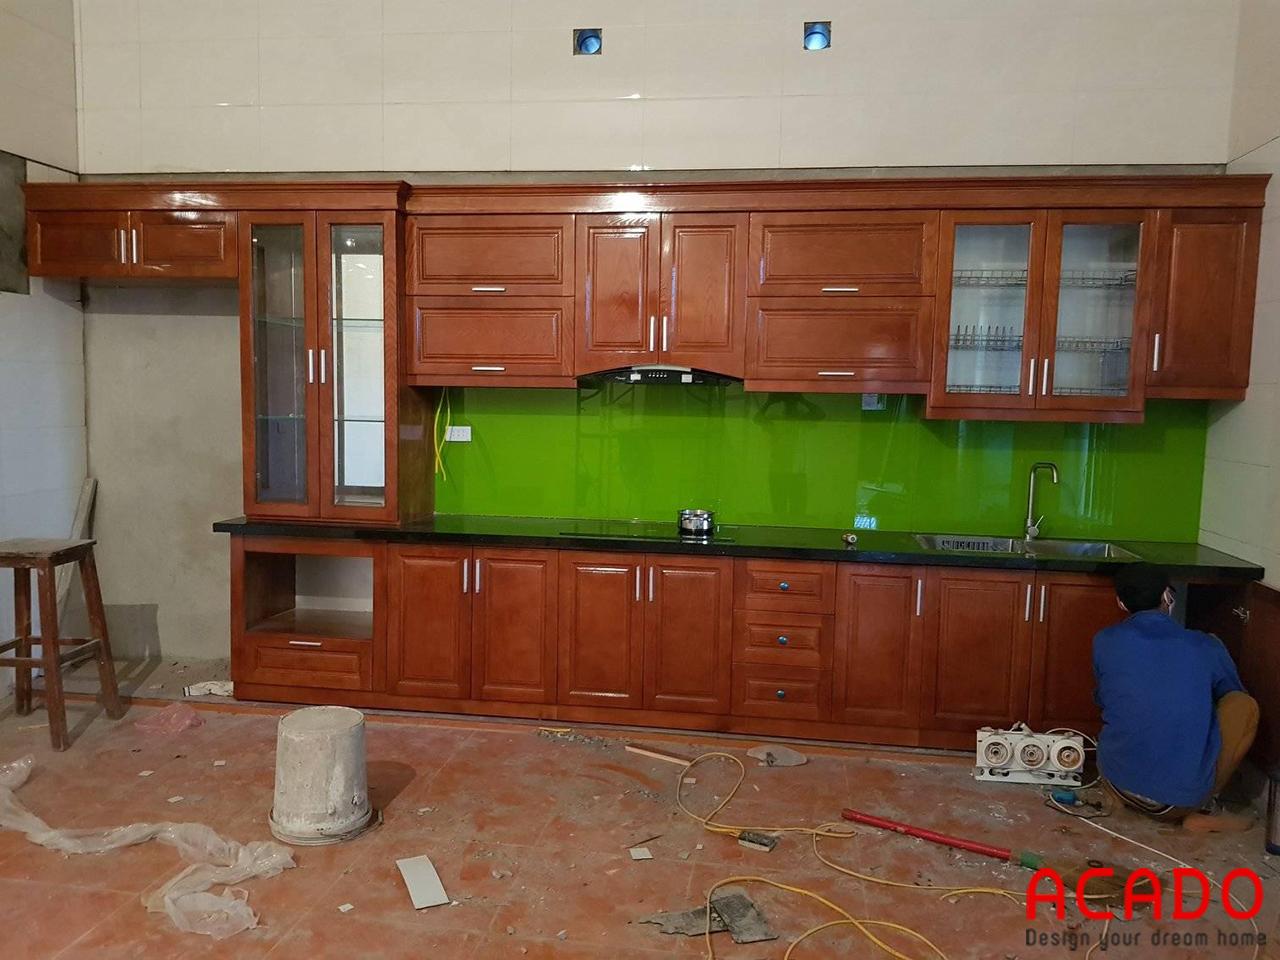 ACADO thi công tủ bếp gỗ xoan đào chữ I và kính bếp màu xanh lá cho gia chủ